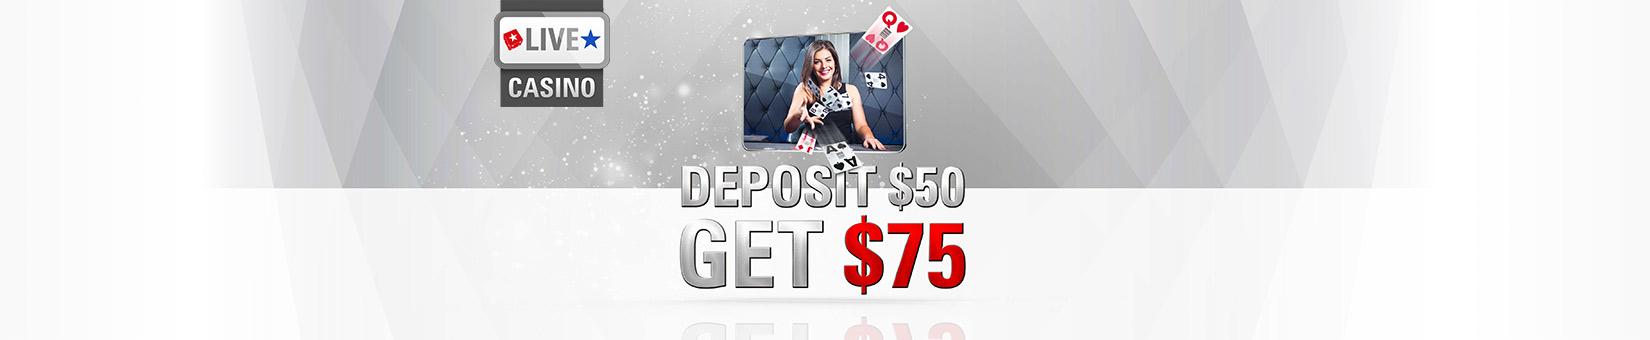 Poker en vivo casino con tiradas gratis en Alicante 818350